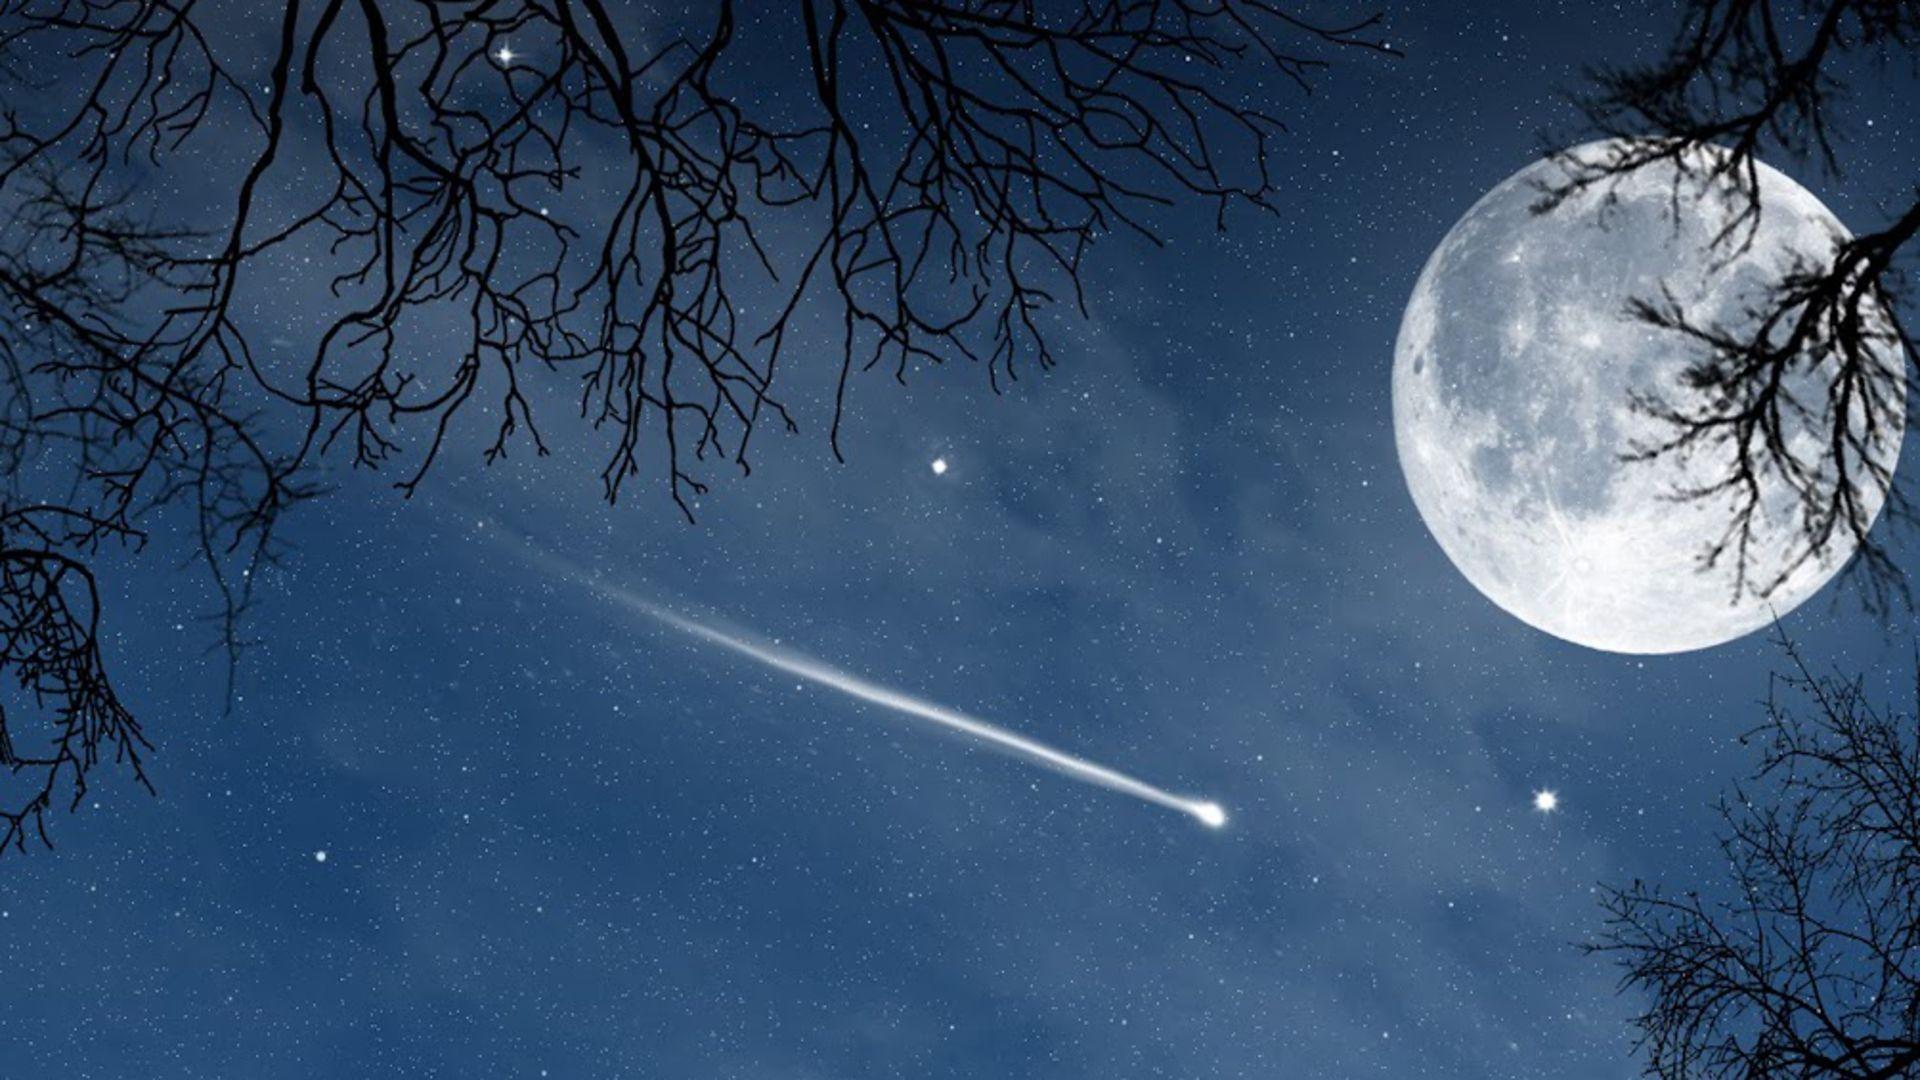 Rüyada Kayan Yıldız Görmek